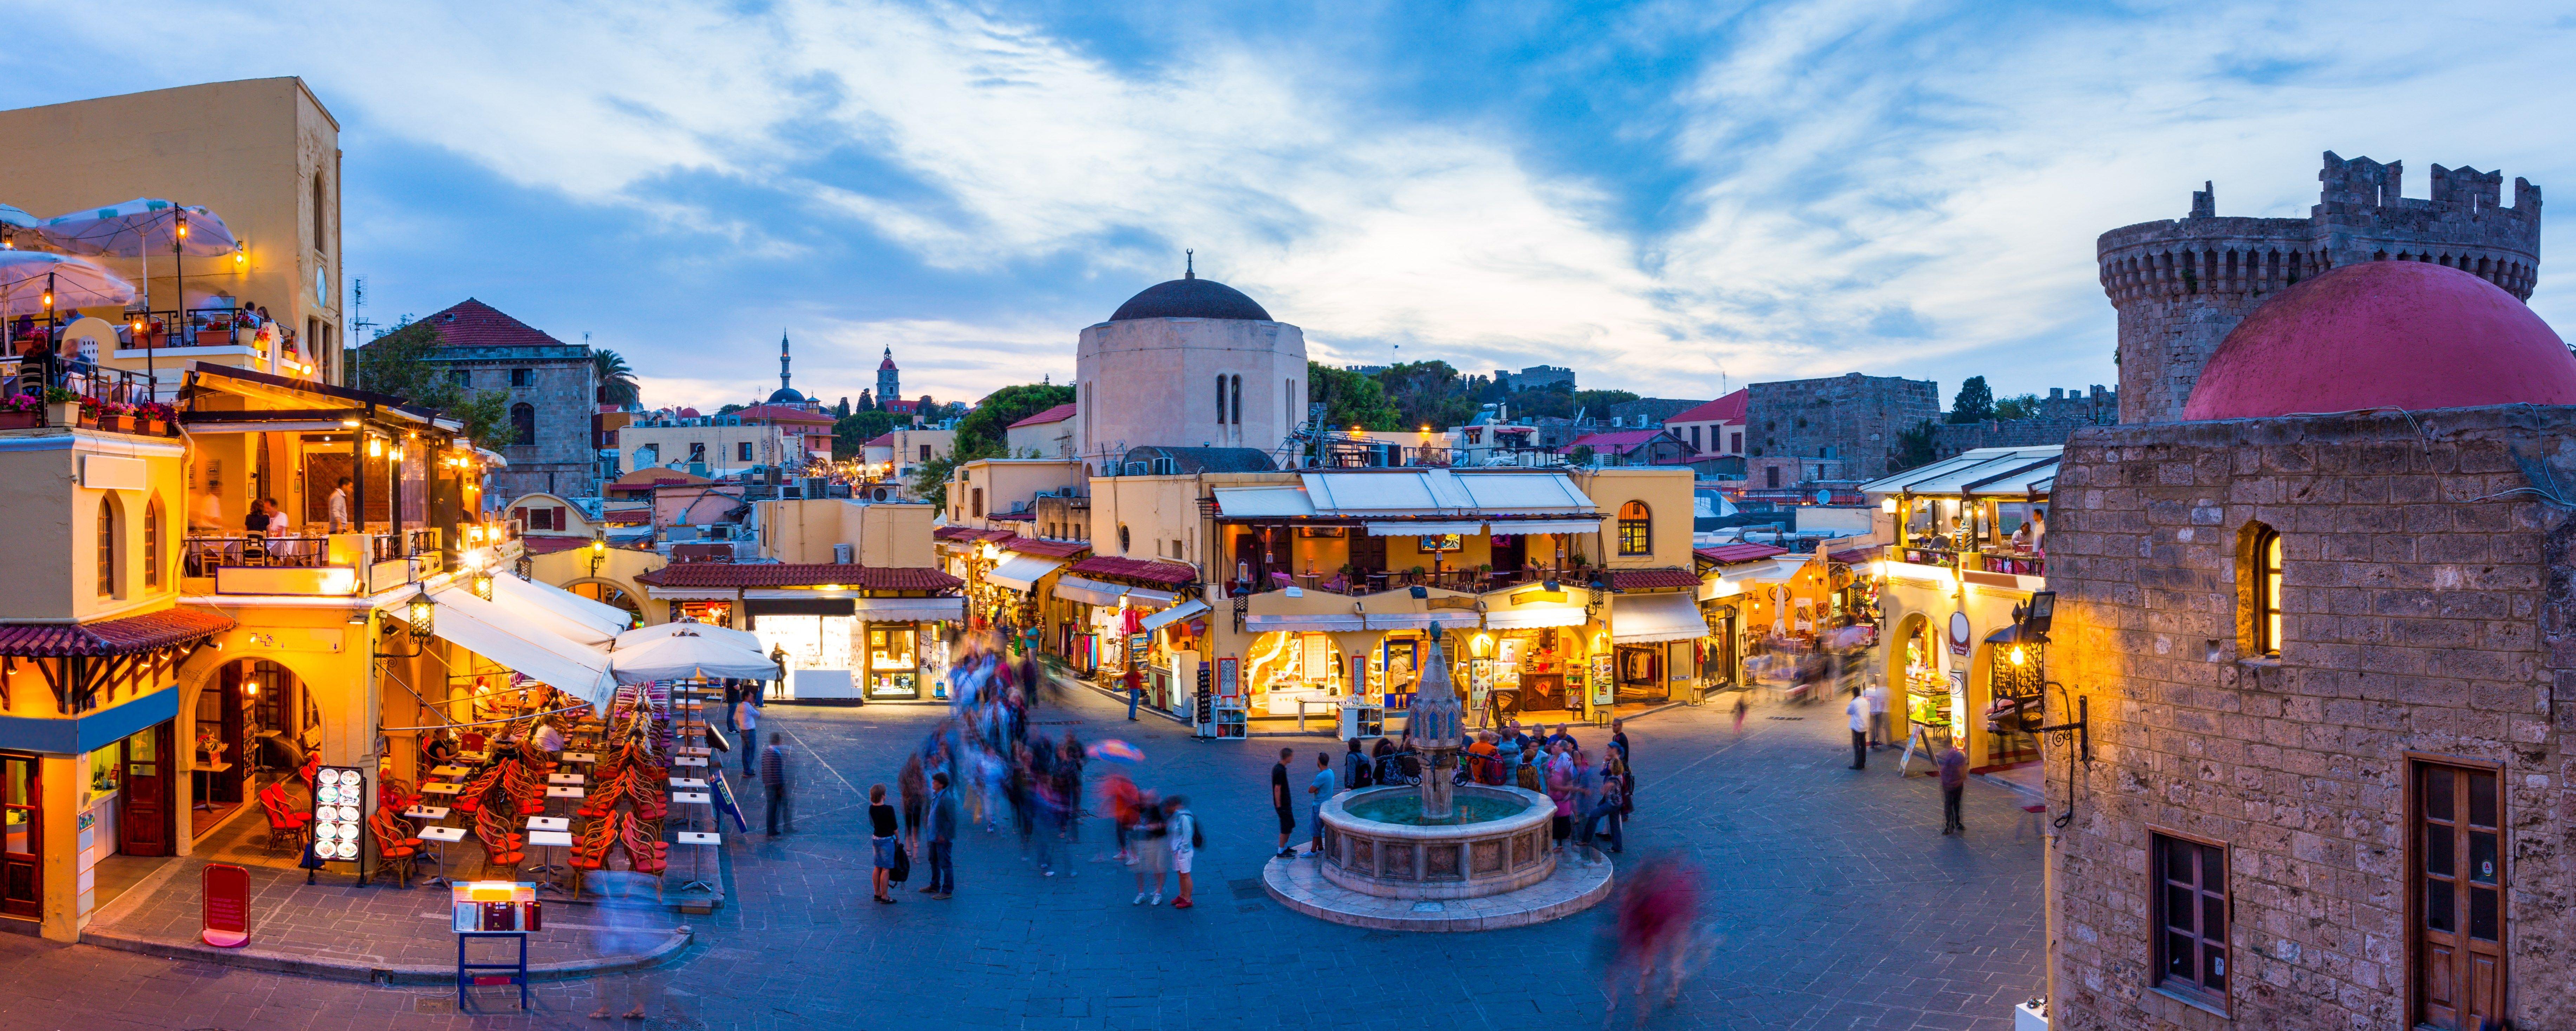 Kos Adası: Hipokrat Havaalanı misafirler için bekliyor 12